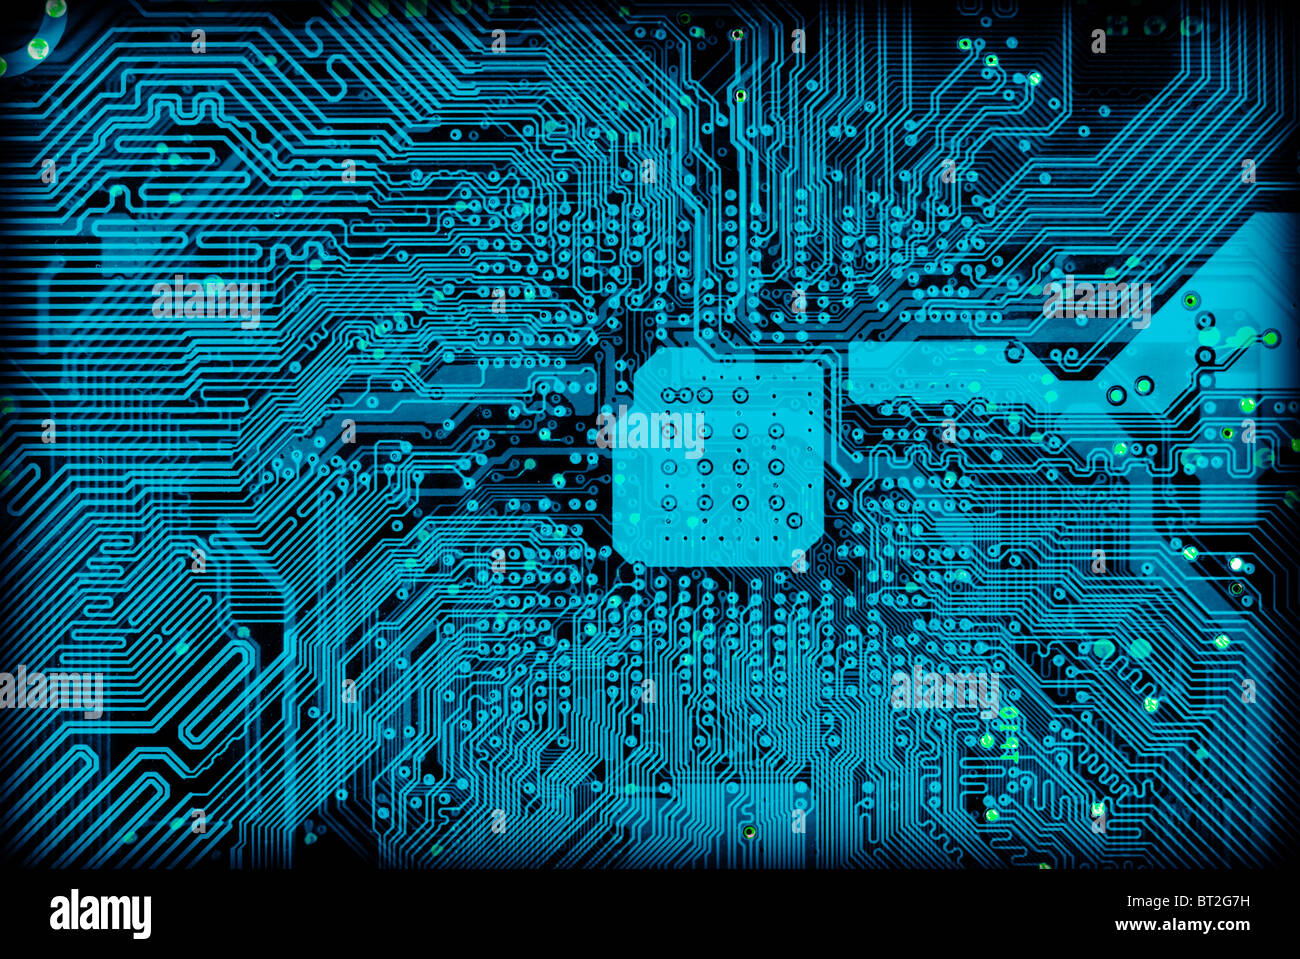 Technologie électronique industrielle texture de fond bleu Photo Stock